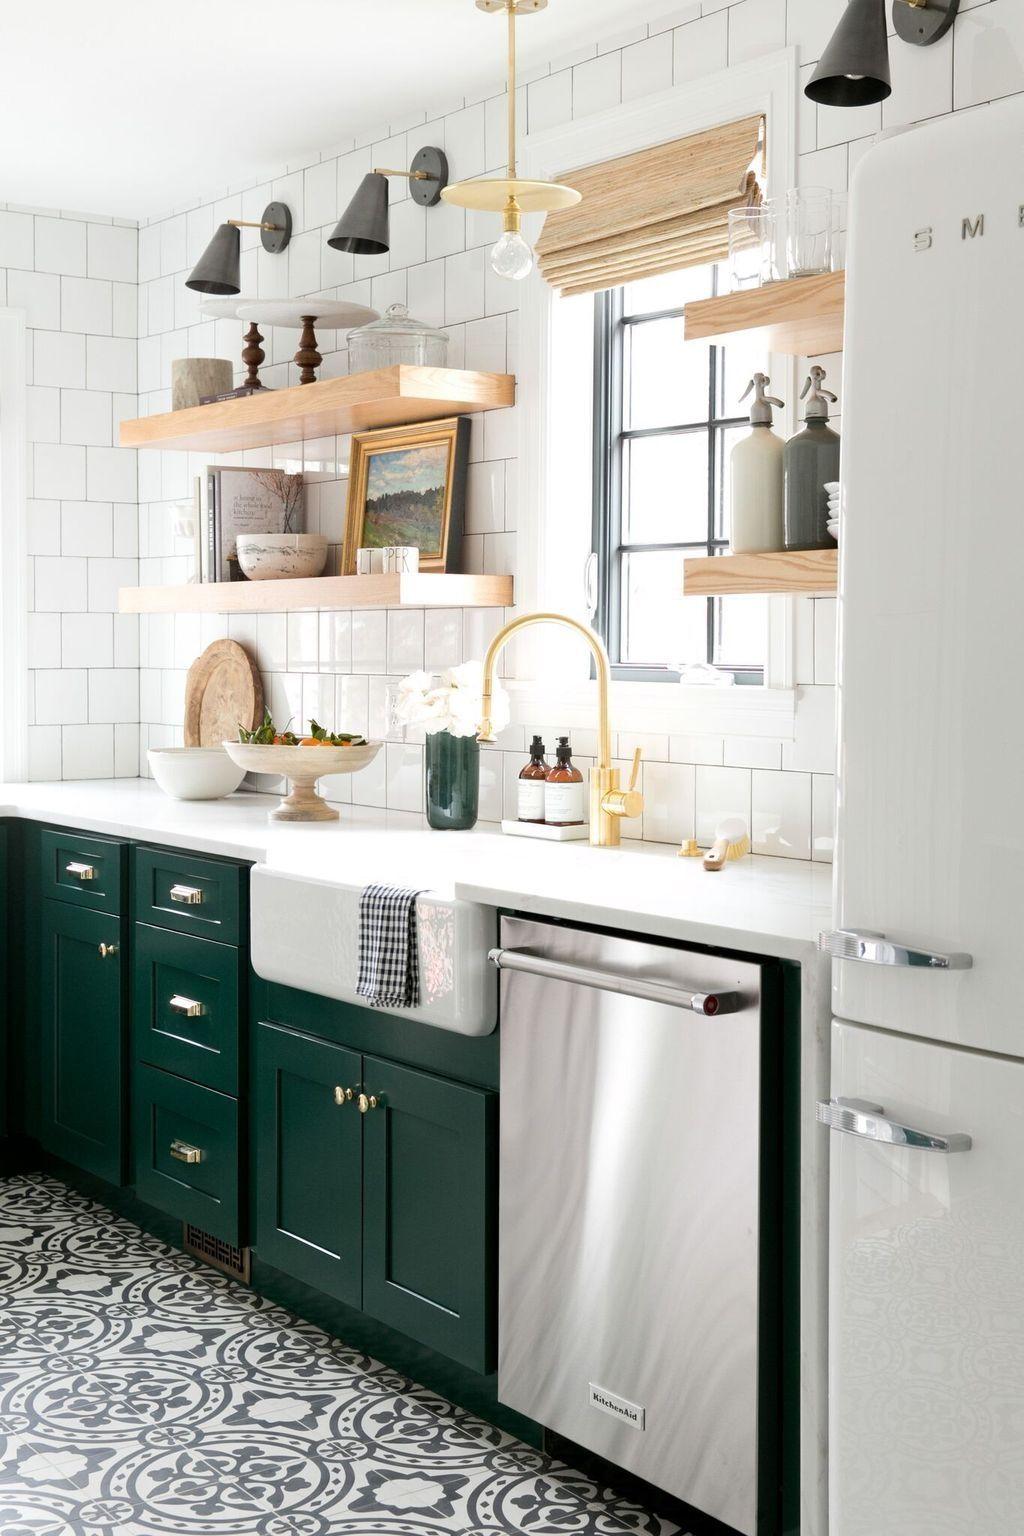 30+ Inspiring Small Modern Kitchen Design Ideas | Kitchen